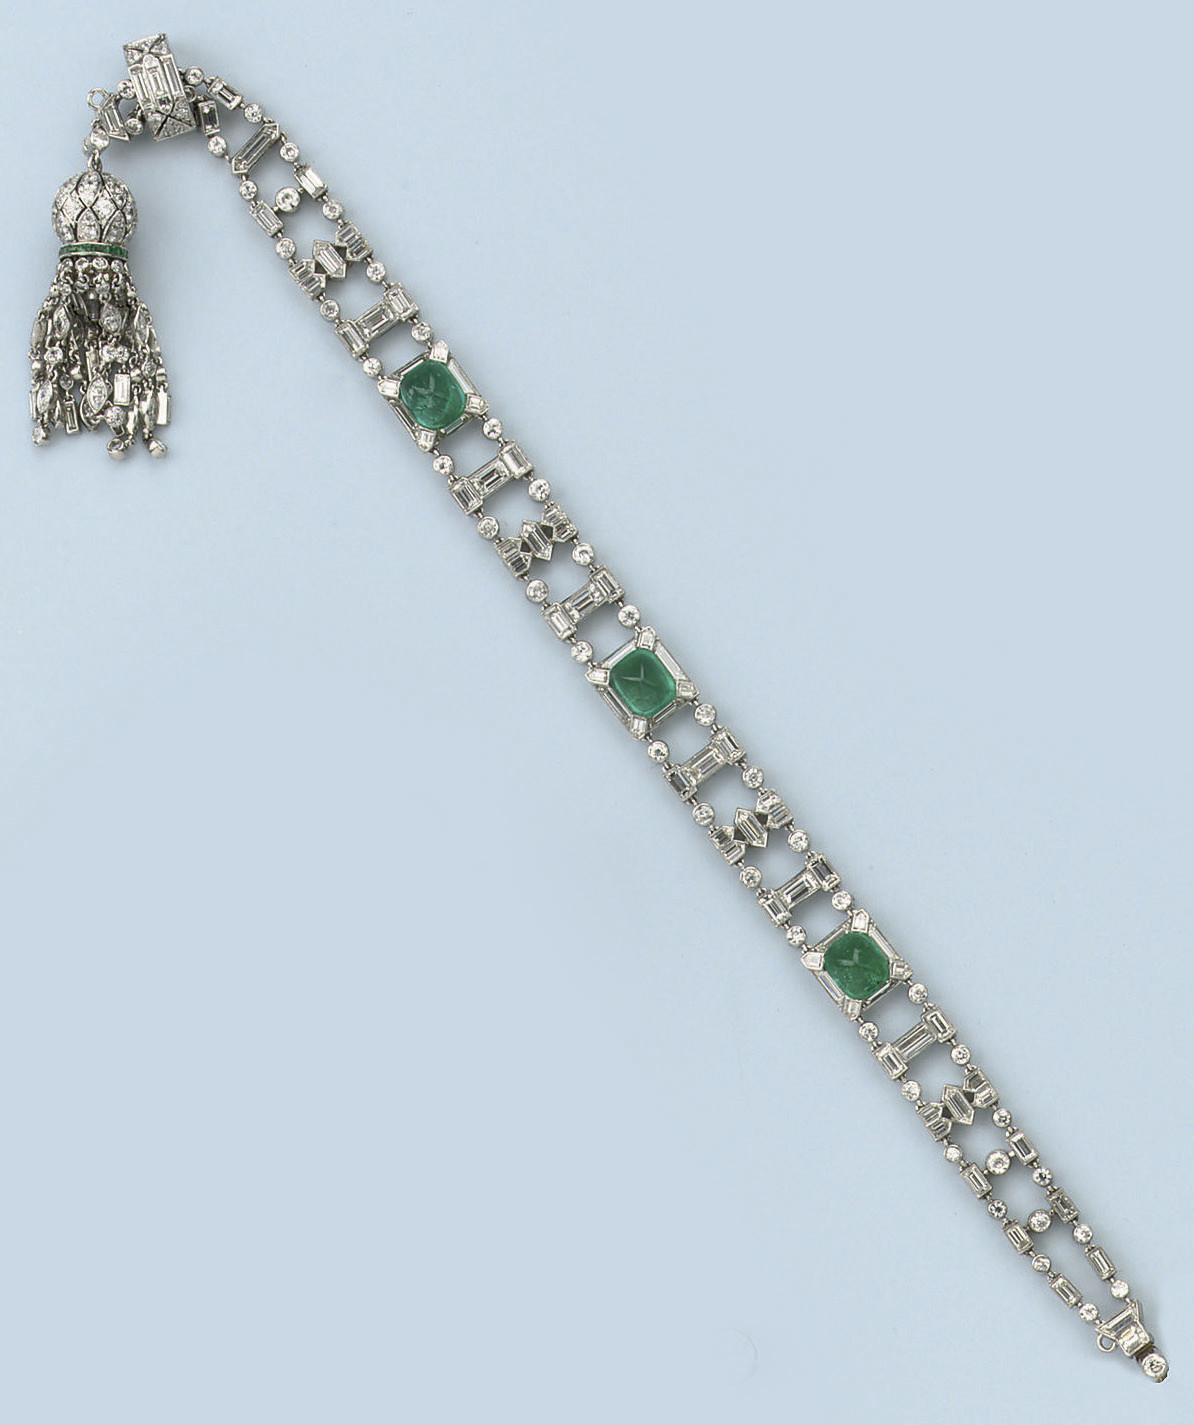 A FINE ART DECO EMERALD AND DIAMOND BRACELET